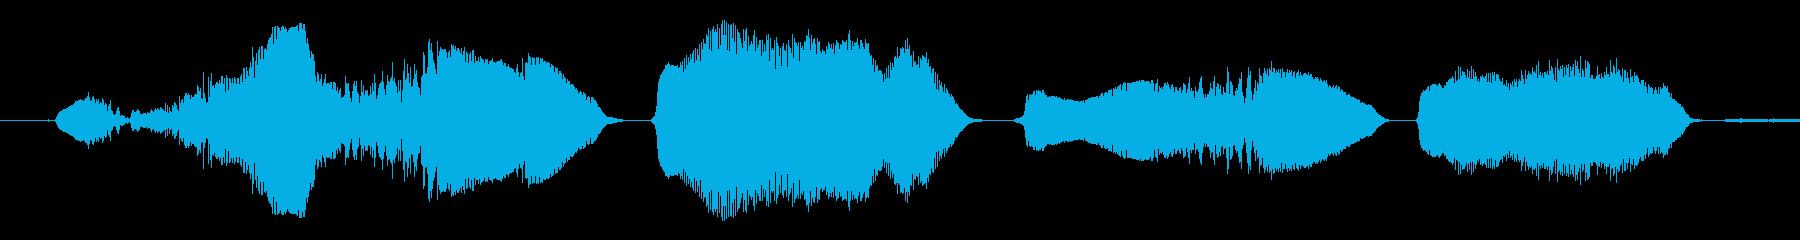 「いやーっ、あーっ!!」の再生済みの波形